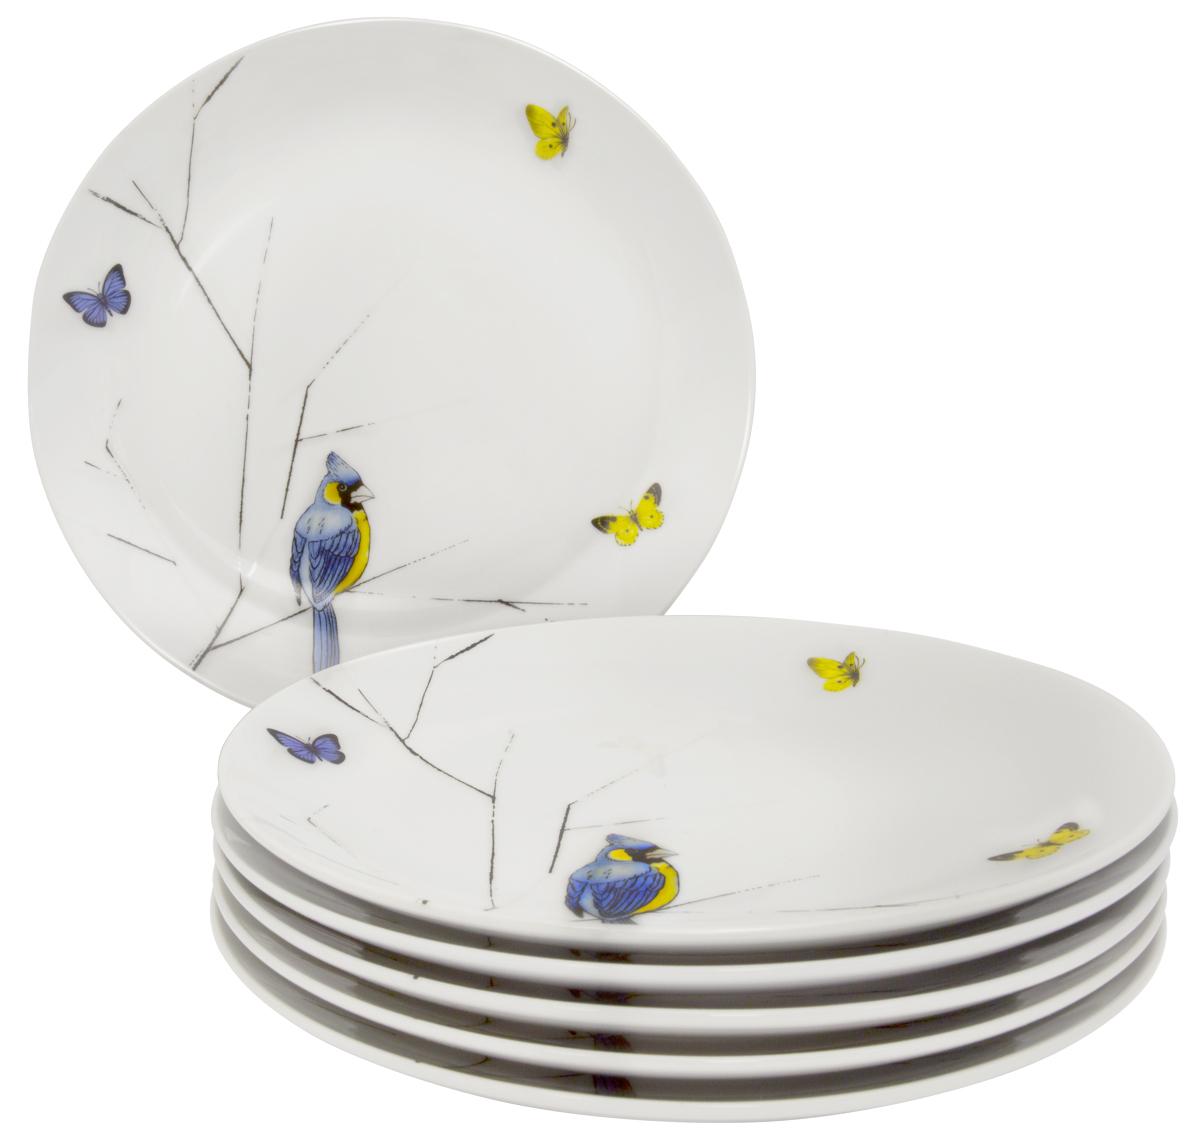 Набор обеденных тарелок Esprado Primavera, цвет: белый, черный, голубой,24,5 см, 6 шт. PRM024YE301115610Набор Esprado Primavera состоит из шести обеденных тарелок, выполненных из высококачественного твердого фарфора. Над созданием дизайна коллекций посуды из твердого фарфора Esprado работает международная команда высококлассных дизайнеров, не только воплощающих в жизнь все новейшие тренды, но также и придерживающихся многовековых традиций при создании классических коллекций. Посуда из твердого фарфора будет идеальным выбором, для тех, кто предпочитает красивую современную посуду из высококачественного материала, которая отличается высокой прочностью и подходит для ежедневного использования.